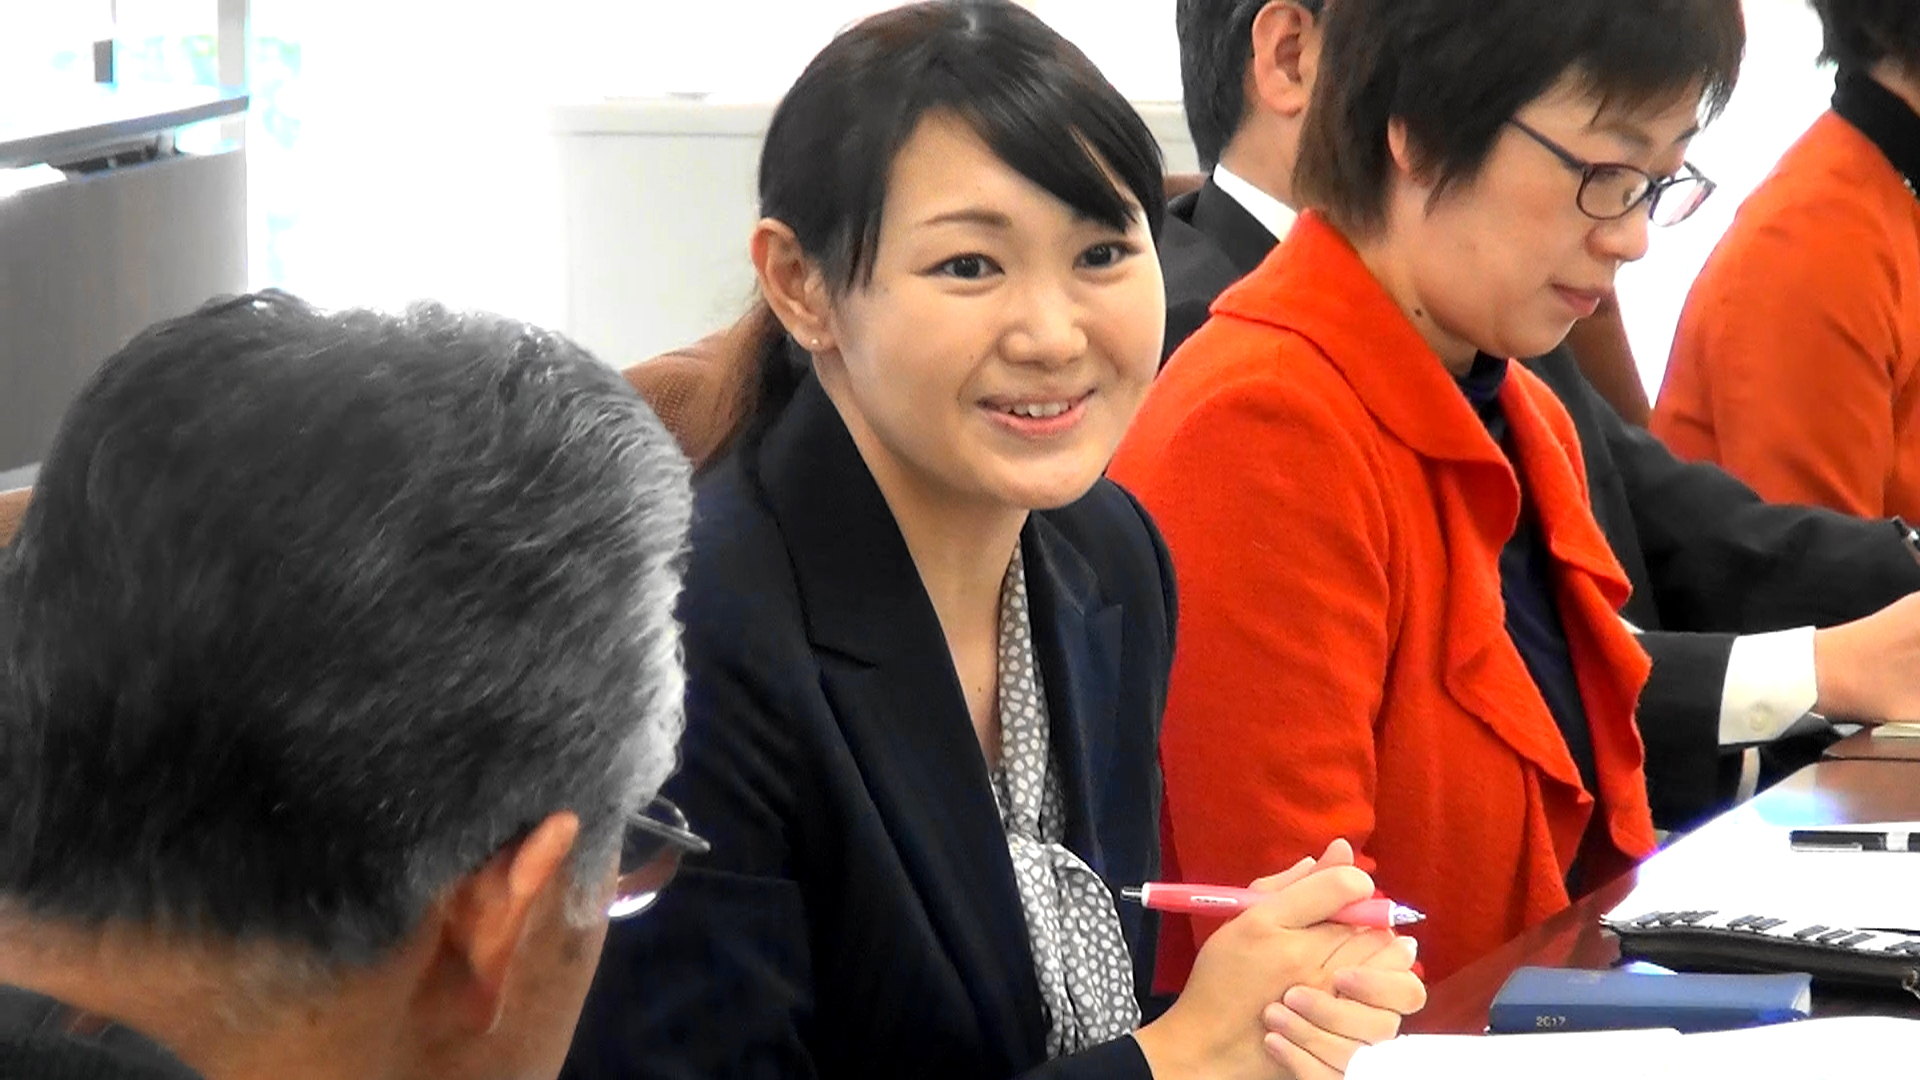 庄司あかり議員の一般質問 12月15日